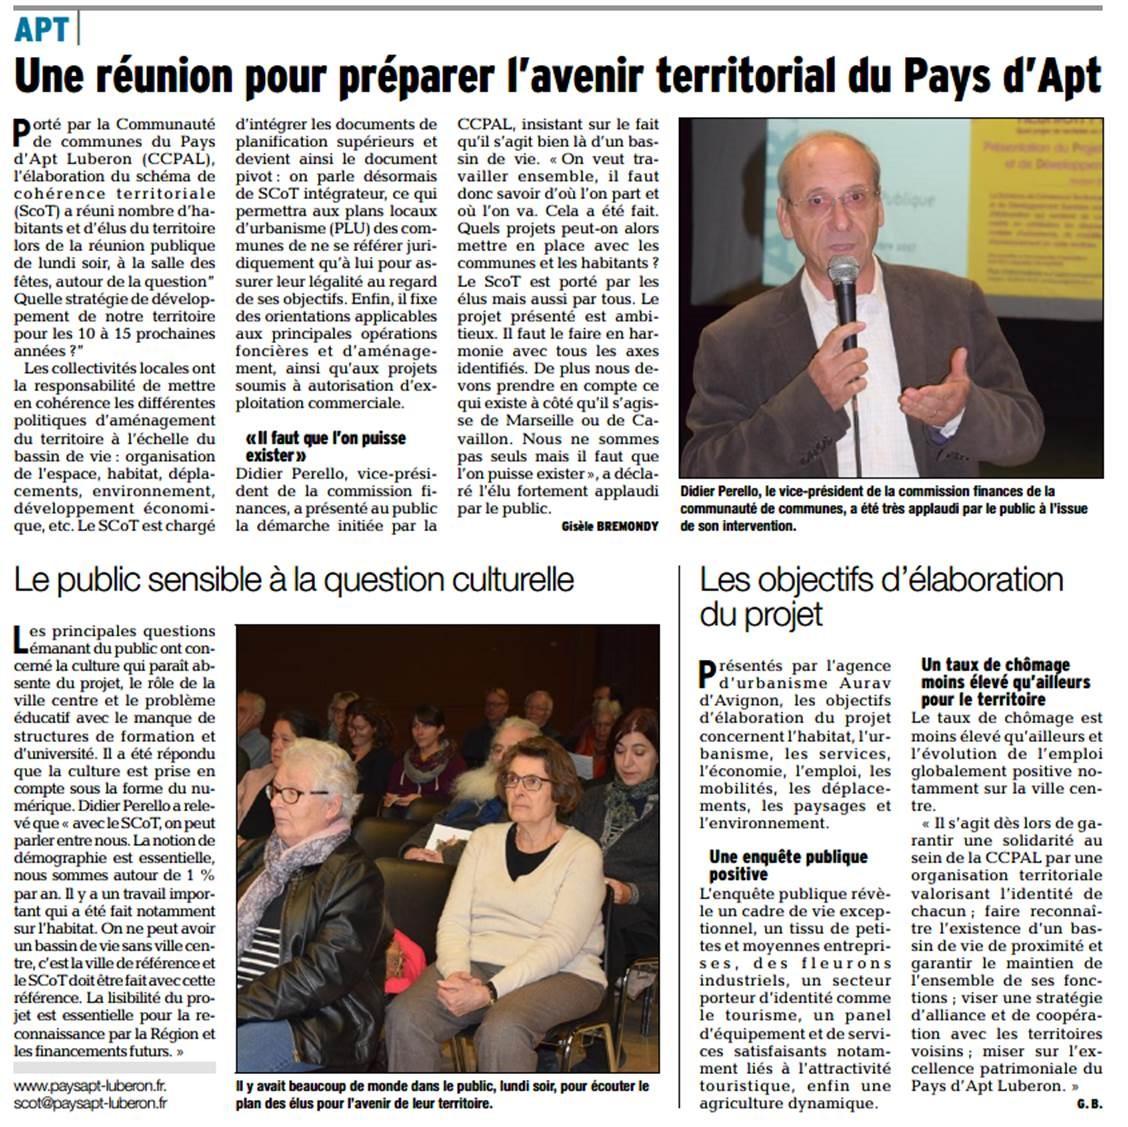 RP 2 - Réunion Publique 6 nov - PADD - Vaucluse matin - Gisèle Bremondy